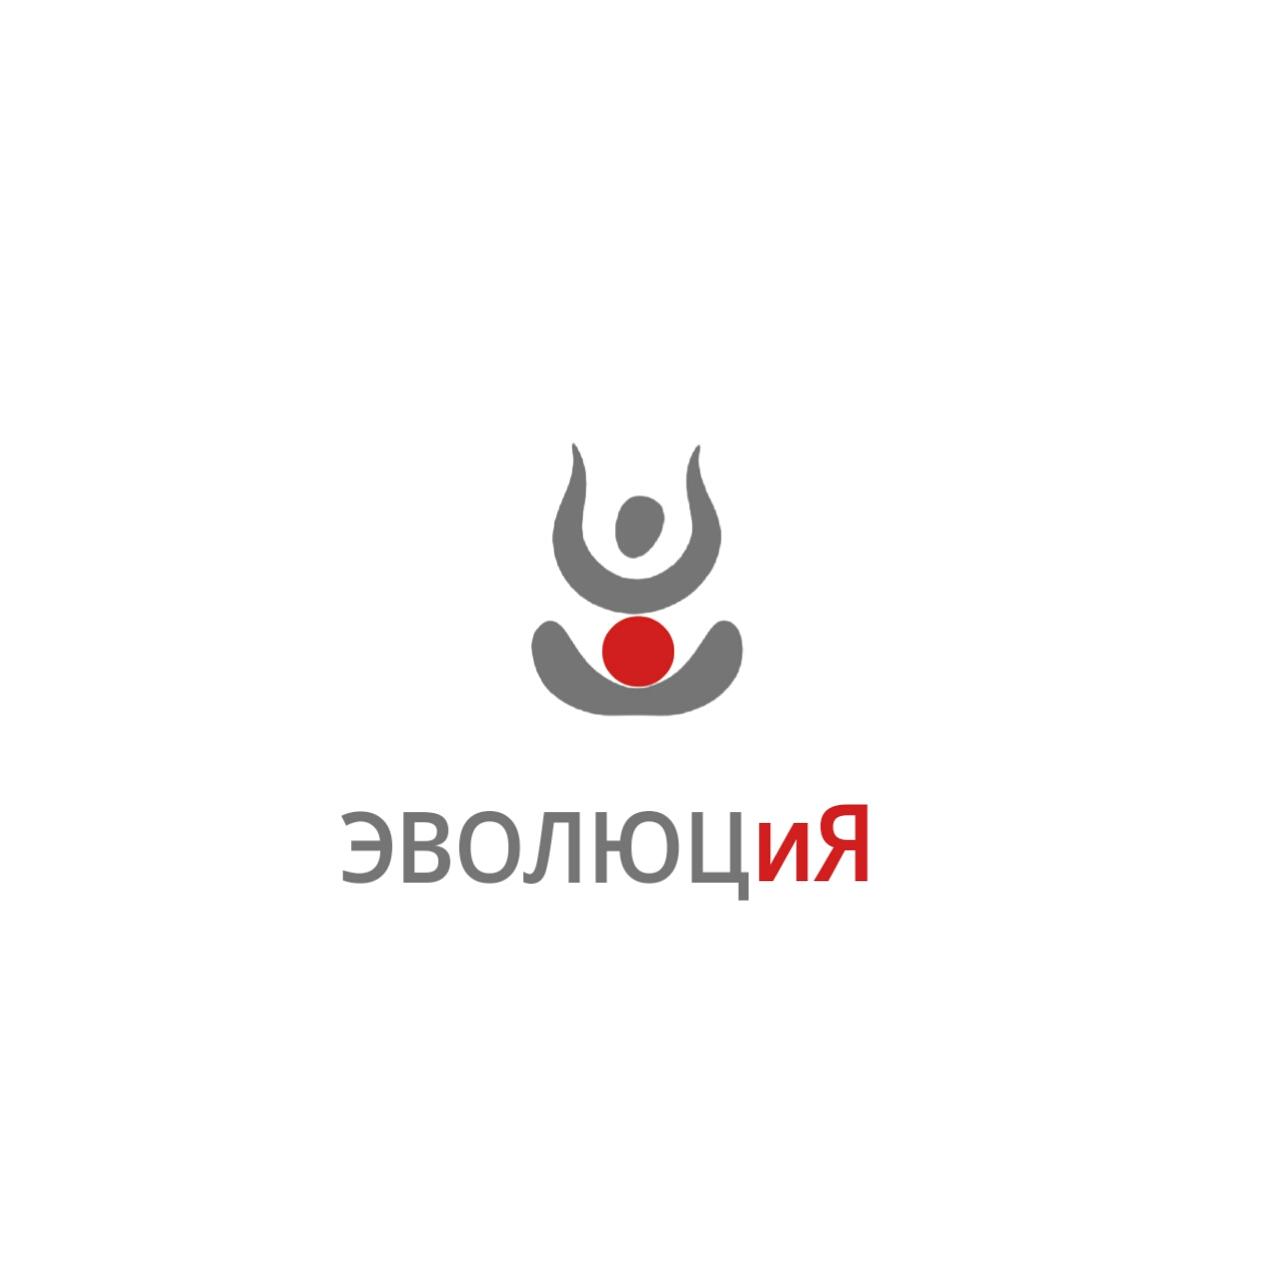 Разработать логотип для Онлайн-школы и сообщества фото f_1125bc40e4336941.jpg